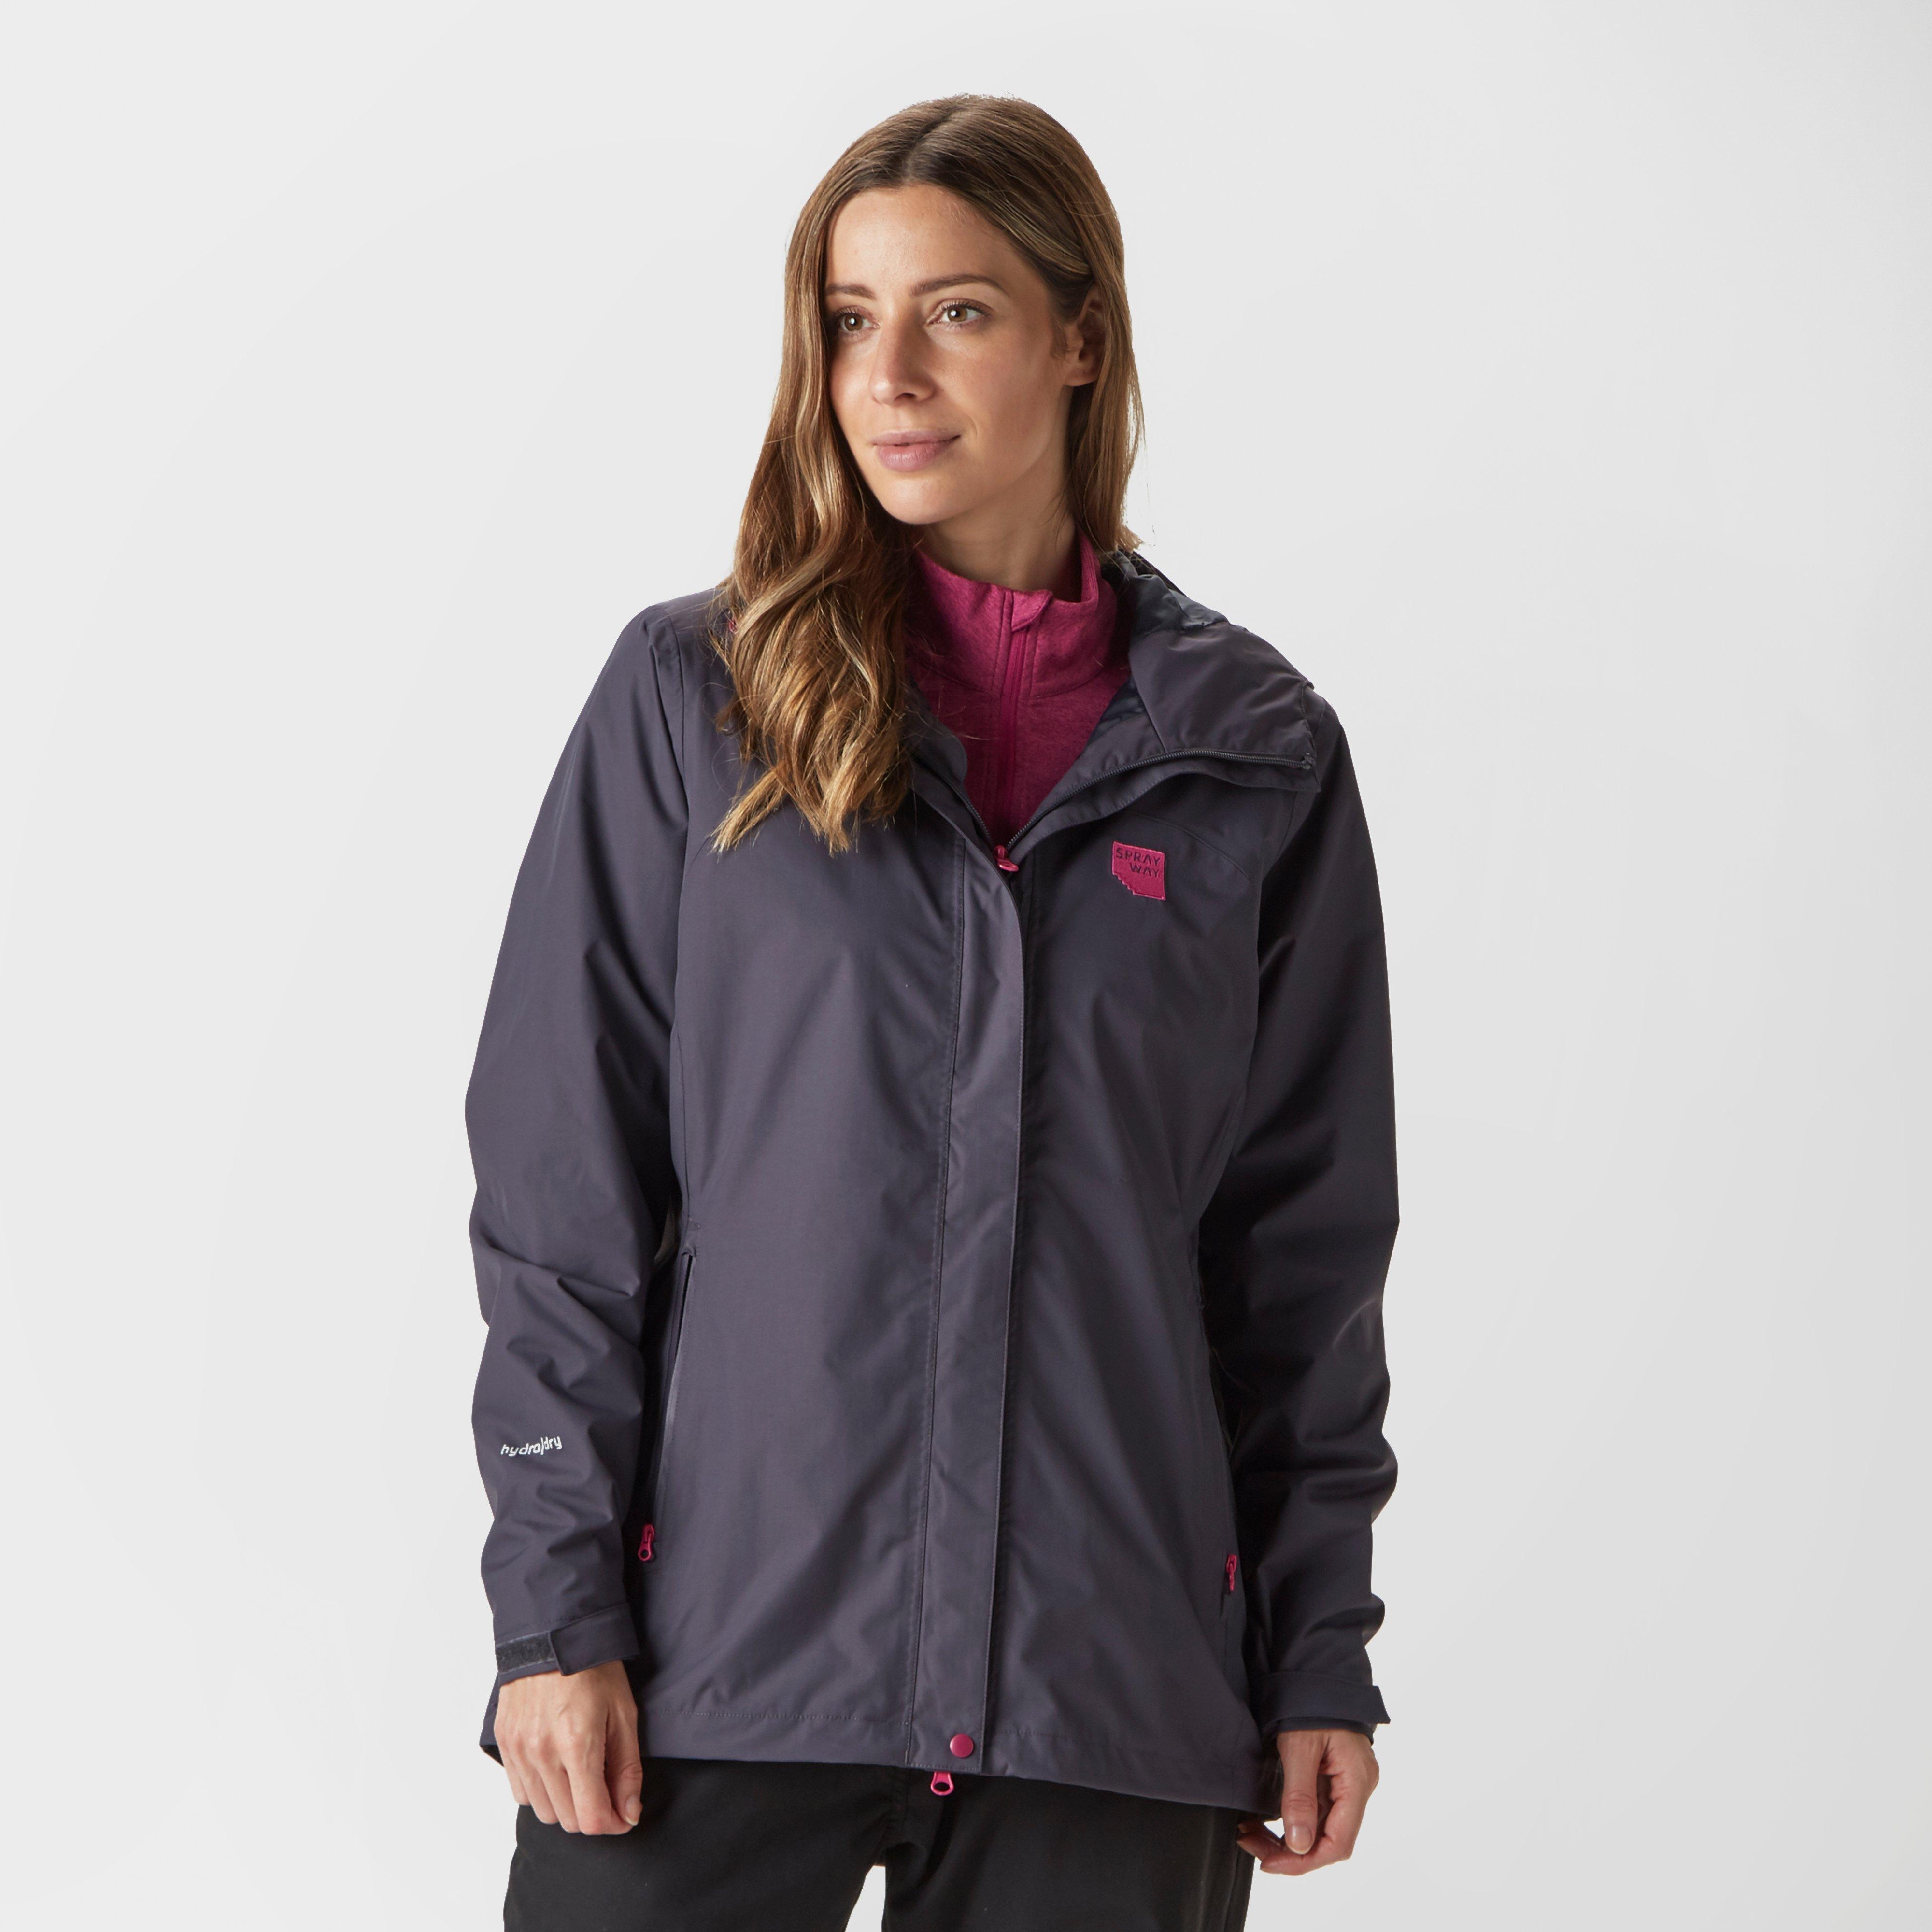 Sprayway Women's Appalachia Jacket, Grey